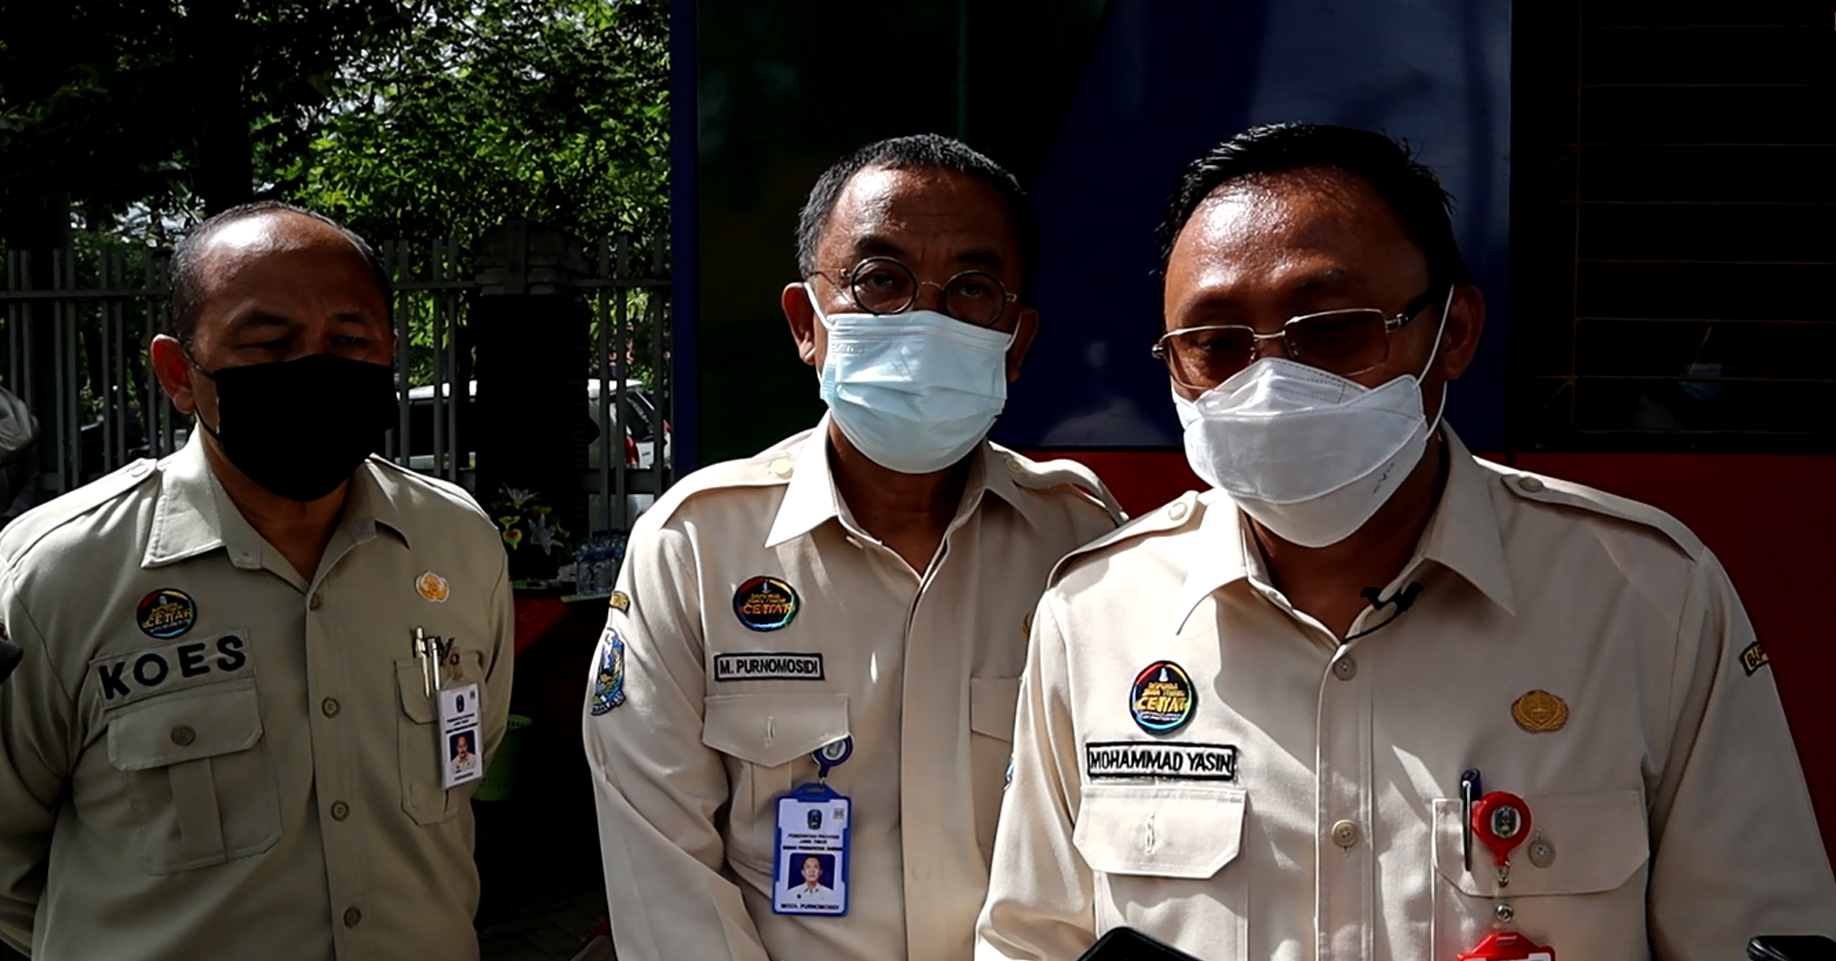 Plt. Kepala Bapenda Jatim Mohammad Yasin didampingin Kepala Bidang Pajak Daerah Purnomosidi dan Kepala  UPT PPD Surabaya Selatan Koesyantoni saat menyampaikan keterangan kepada wartawan terkait pencapaian pendapatan dalam program Diskon Ramadhan